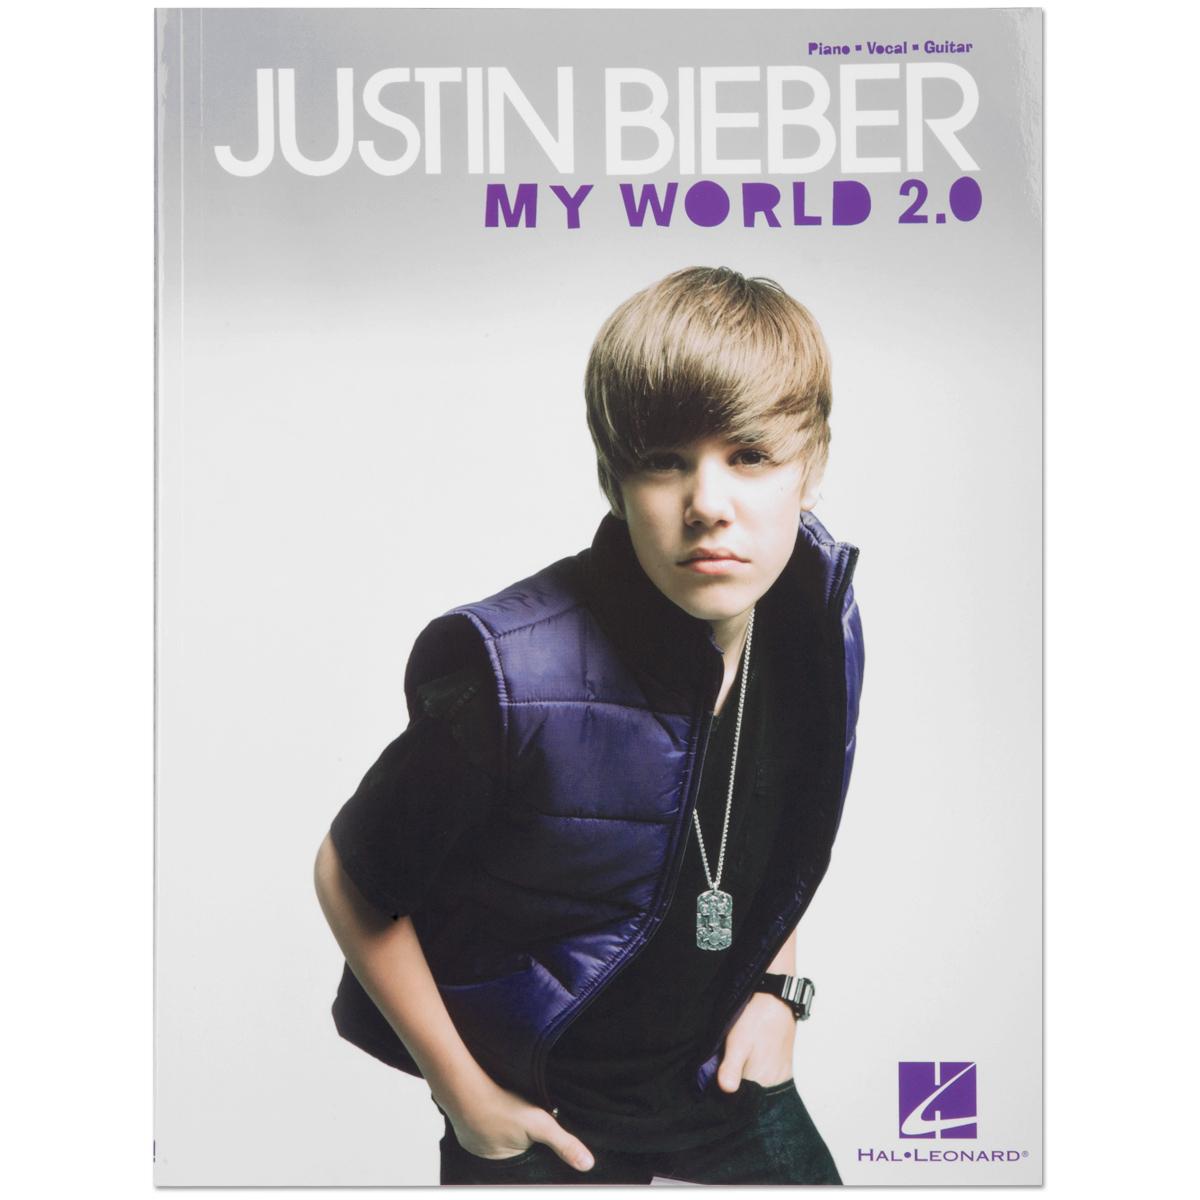 Justin Bieber My World 2.0 Songbook